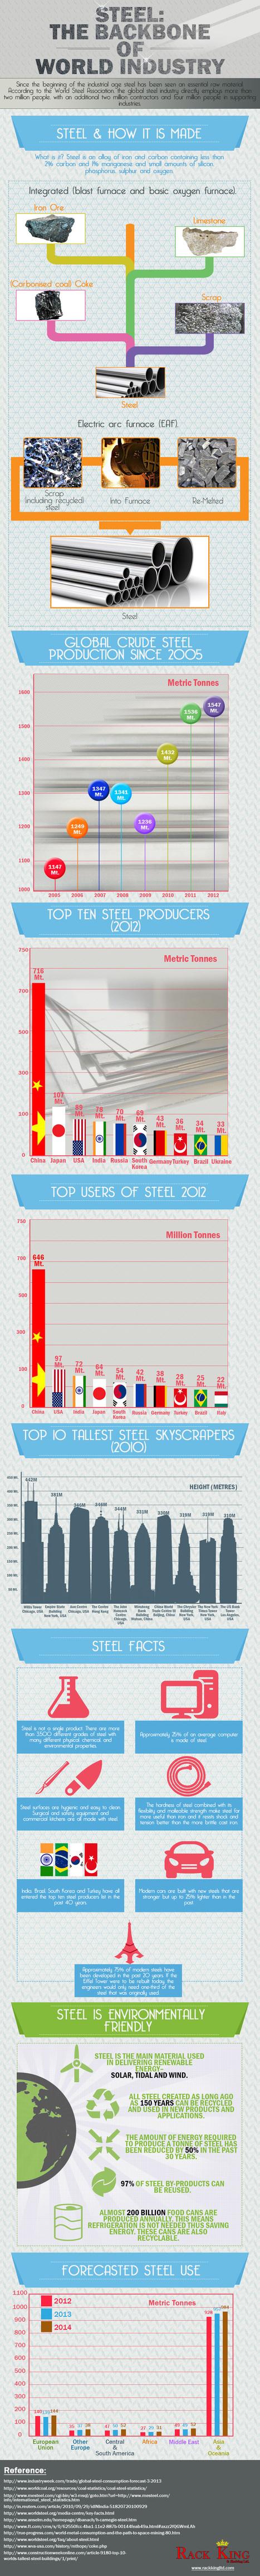 Steel - The Backbone of World Industry - Infographic - AEC Business | Business Industry Infographics | Scoop.it